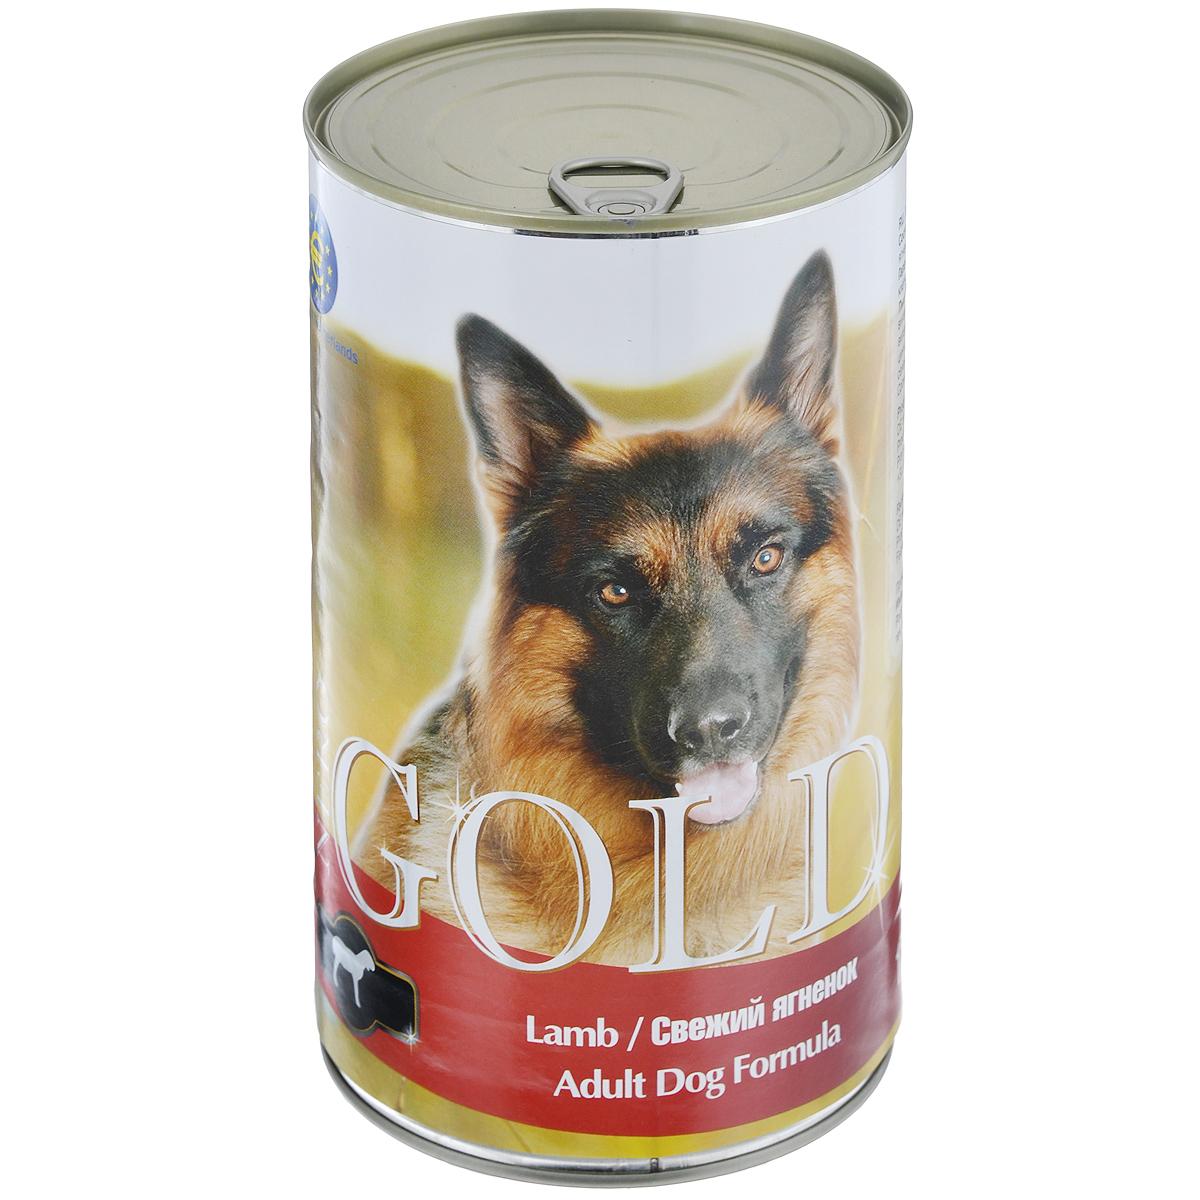 Консервы для собак Nero Gold, свежий ягненок, 1250 г0120710Консервы для собак Nero Gold - полнорационный продукт, содержащий все необходимые витамины и минералы, сбалансированный для поддержания оптимального здоровья вашего питомца! Состав: мясо и его производные, филе курицы, филе ягненка, злаки, витамины и минералы. Гарантированный анализ: белки 6,5%, жиры 4,5%, клетчатка 0,5%, зола 2%, влага 81%. Пищевые добавки на 1 кг продукта: витамин А 1600 МЕ, витамин D 140 МЕ, витамин Е 10 МЕ, железо 24 мг, марганец 6 мг, цинк 15 мг, медь 1 мг, магний 200 мг, йод 0,3 мг, селен 0,2 мг.Вес: 1250 г. Товар сертифицирован.